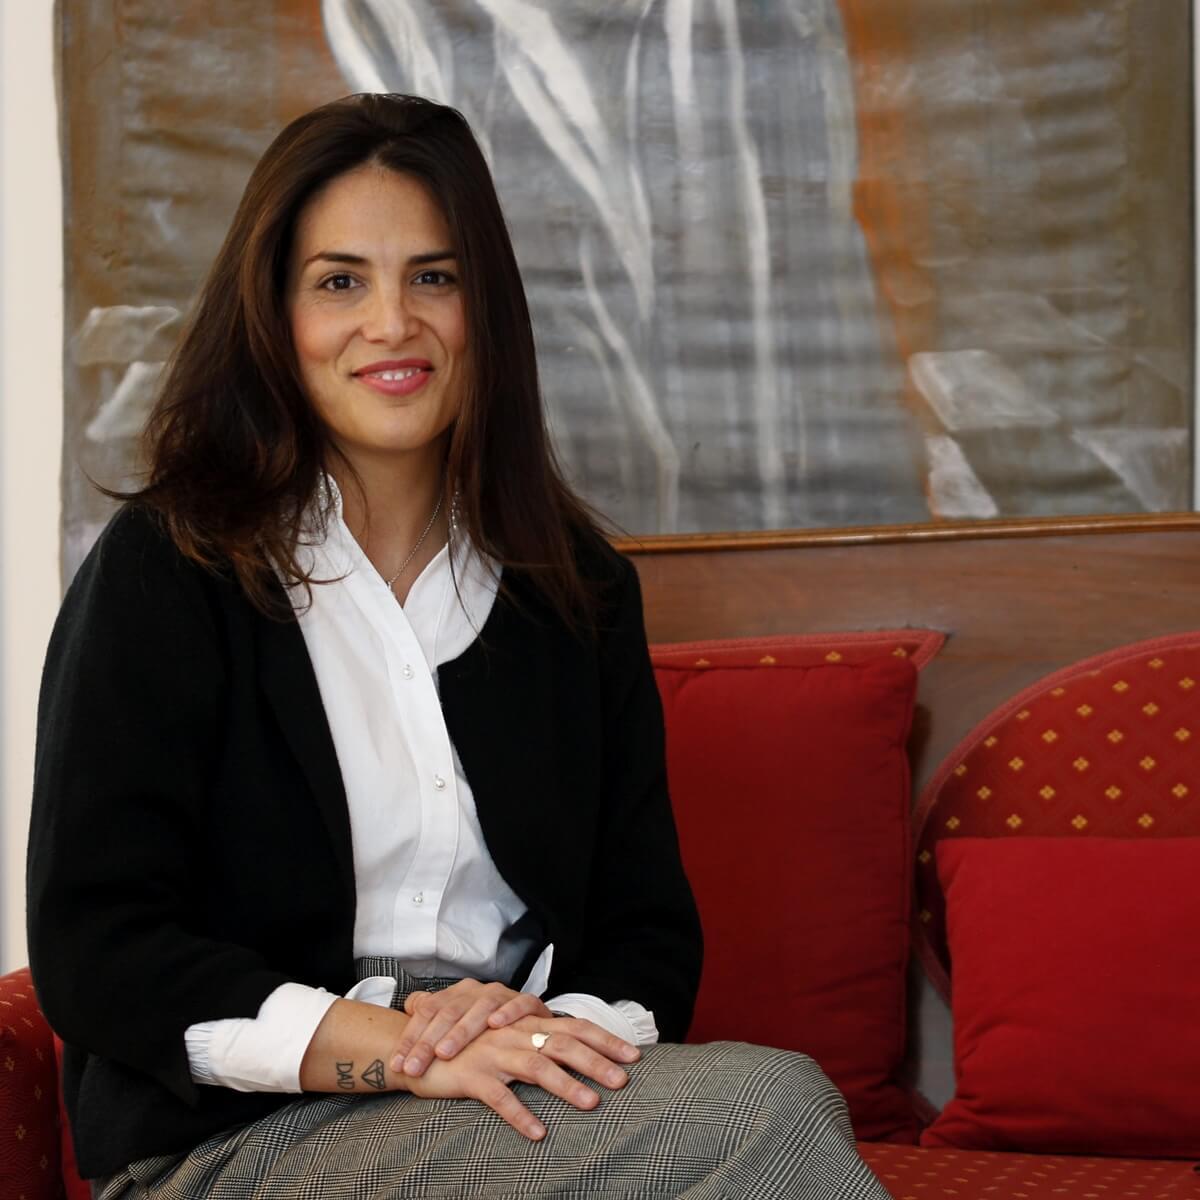 Caterina Cossu